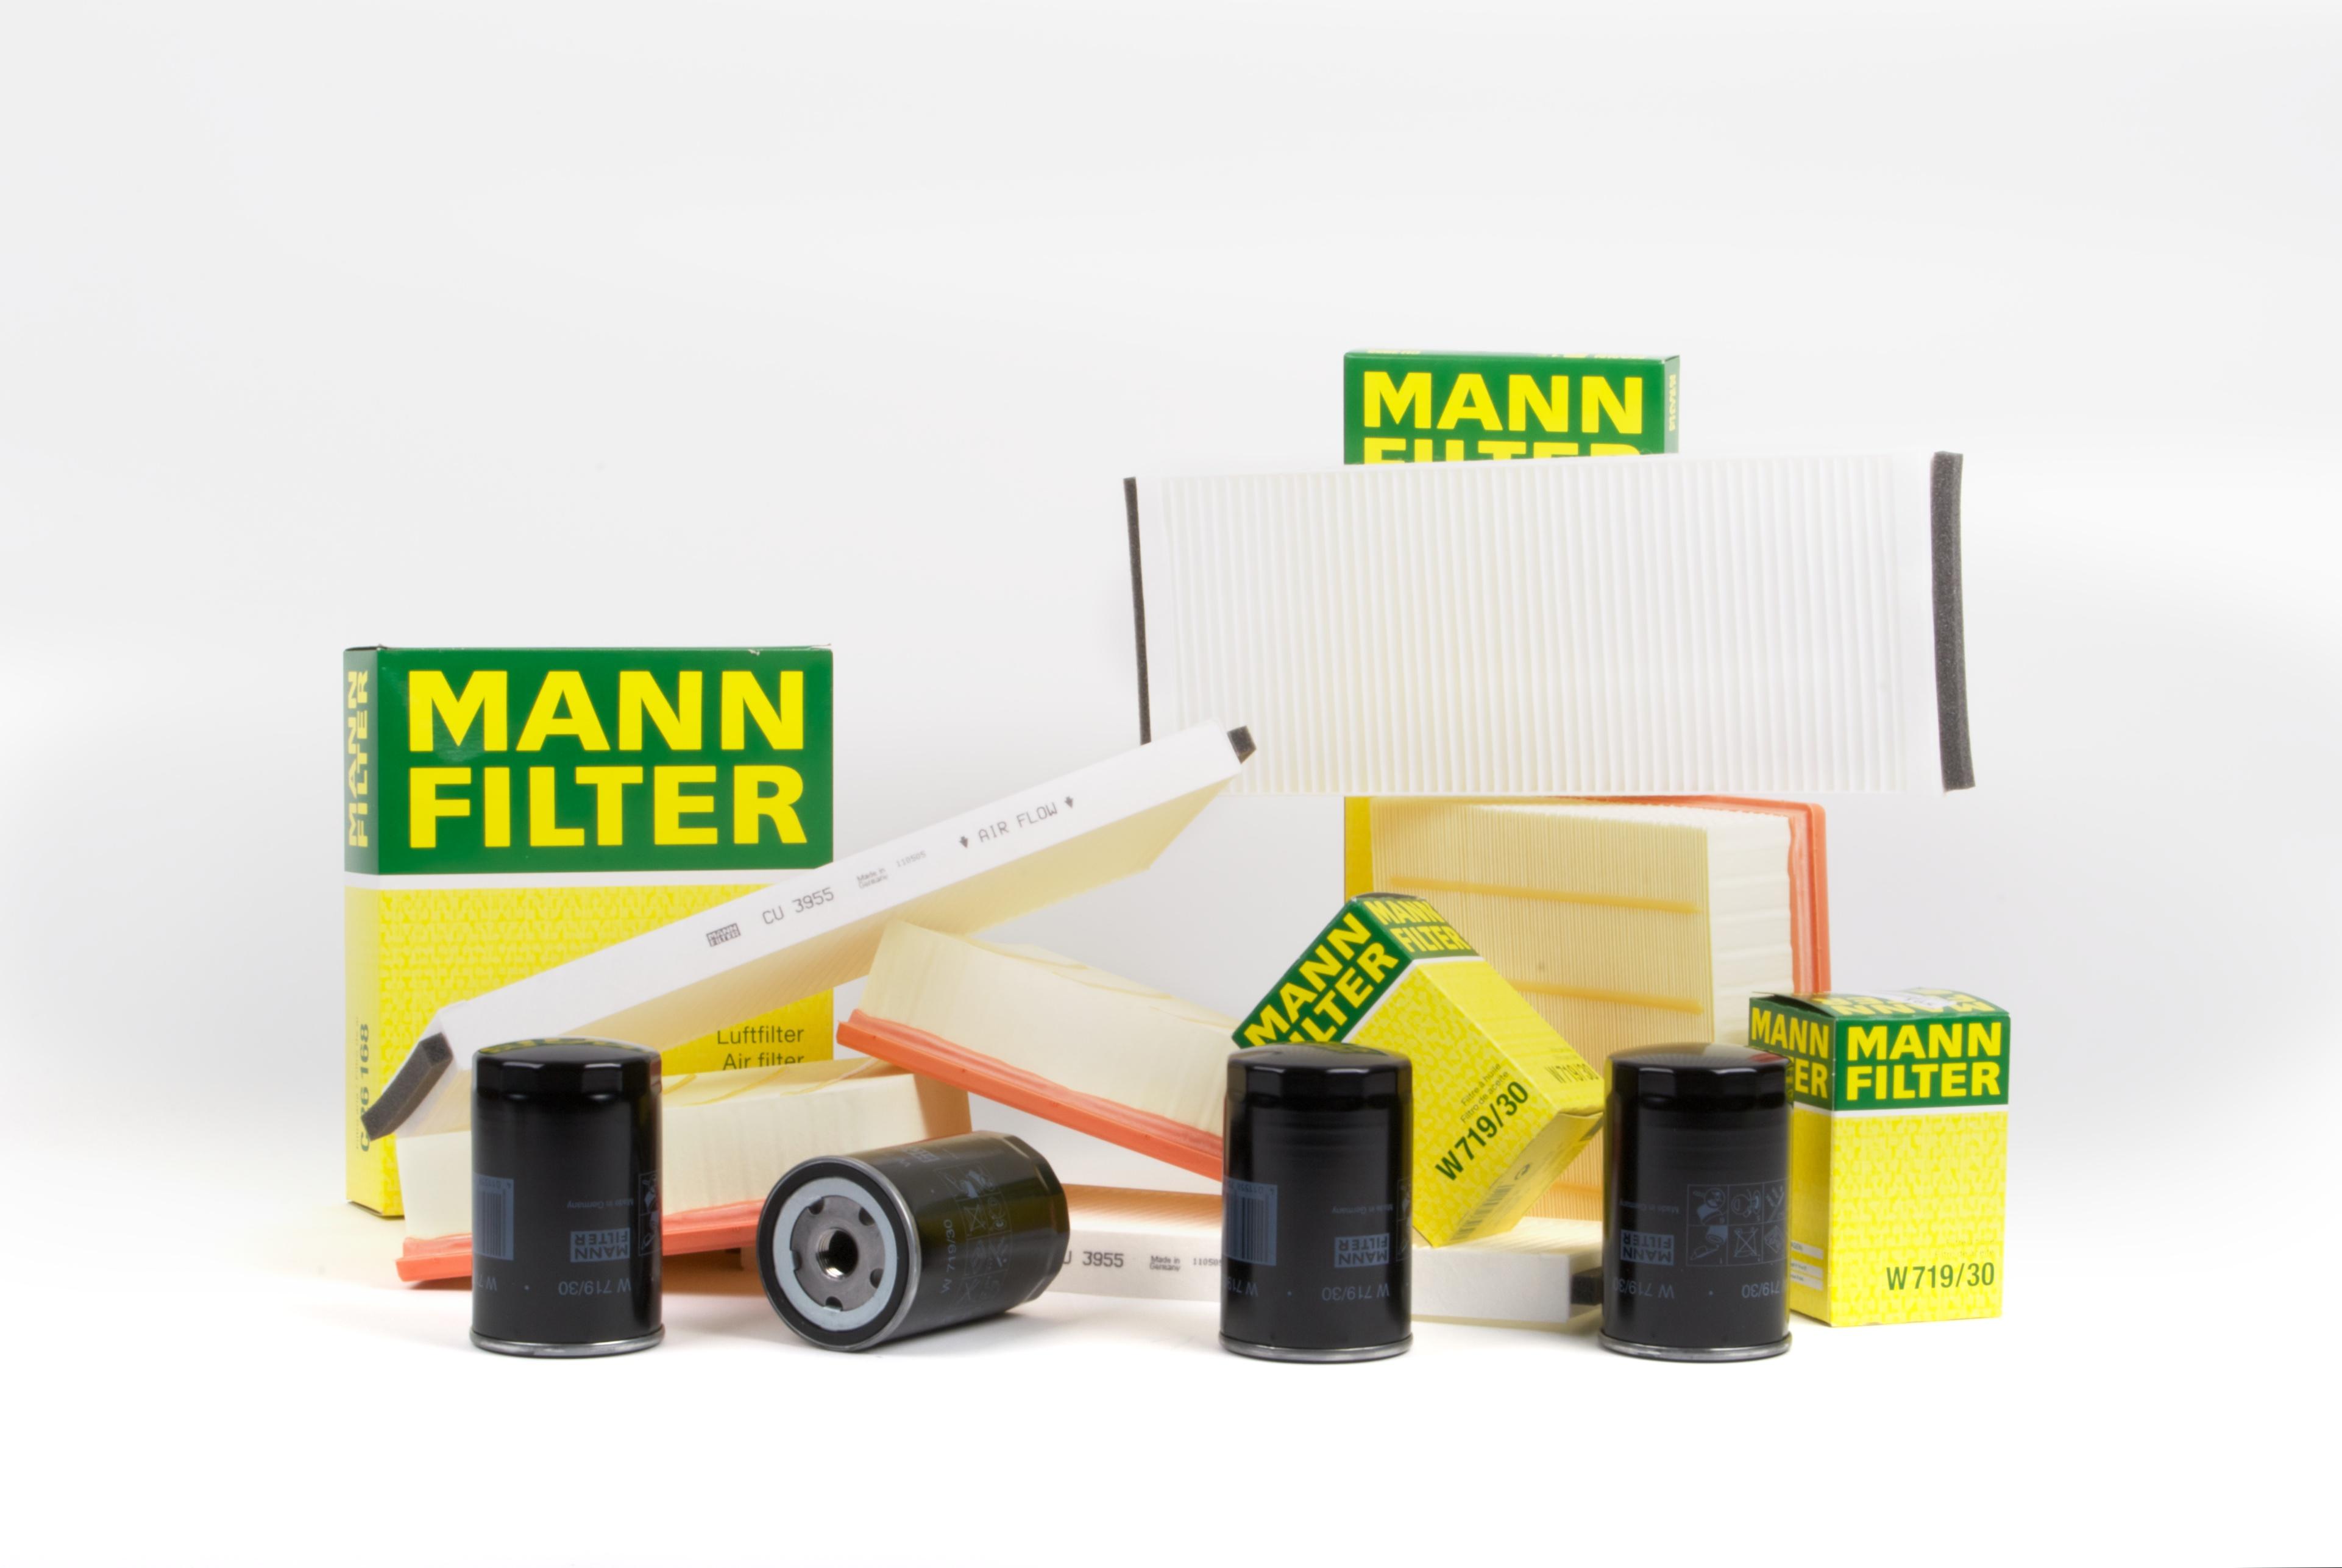 Filtrele_Mann-revizie-peugeot